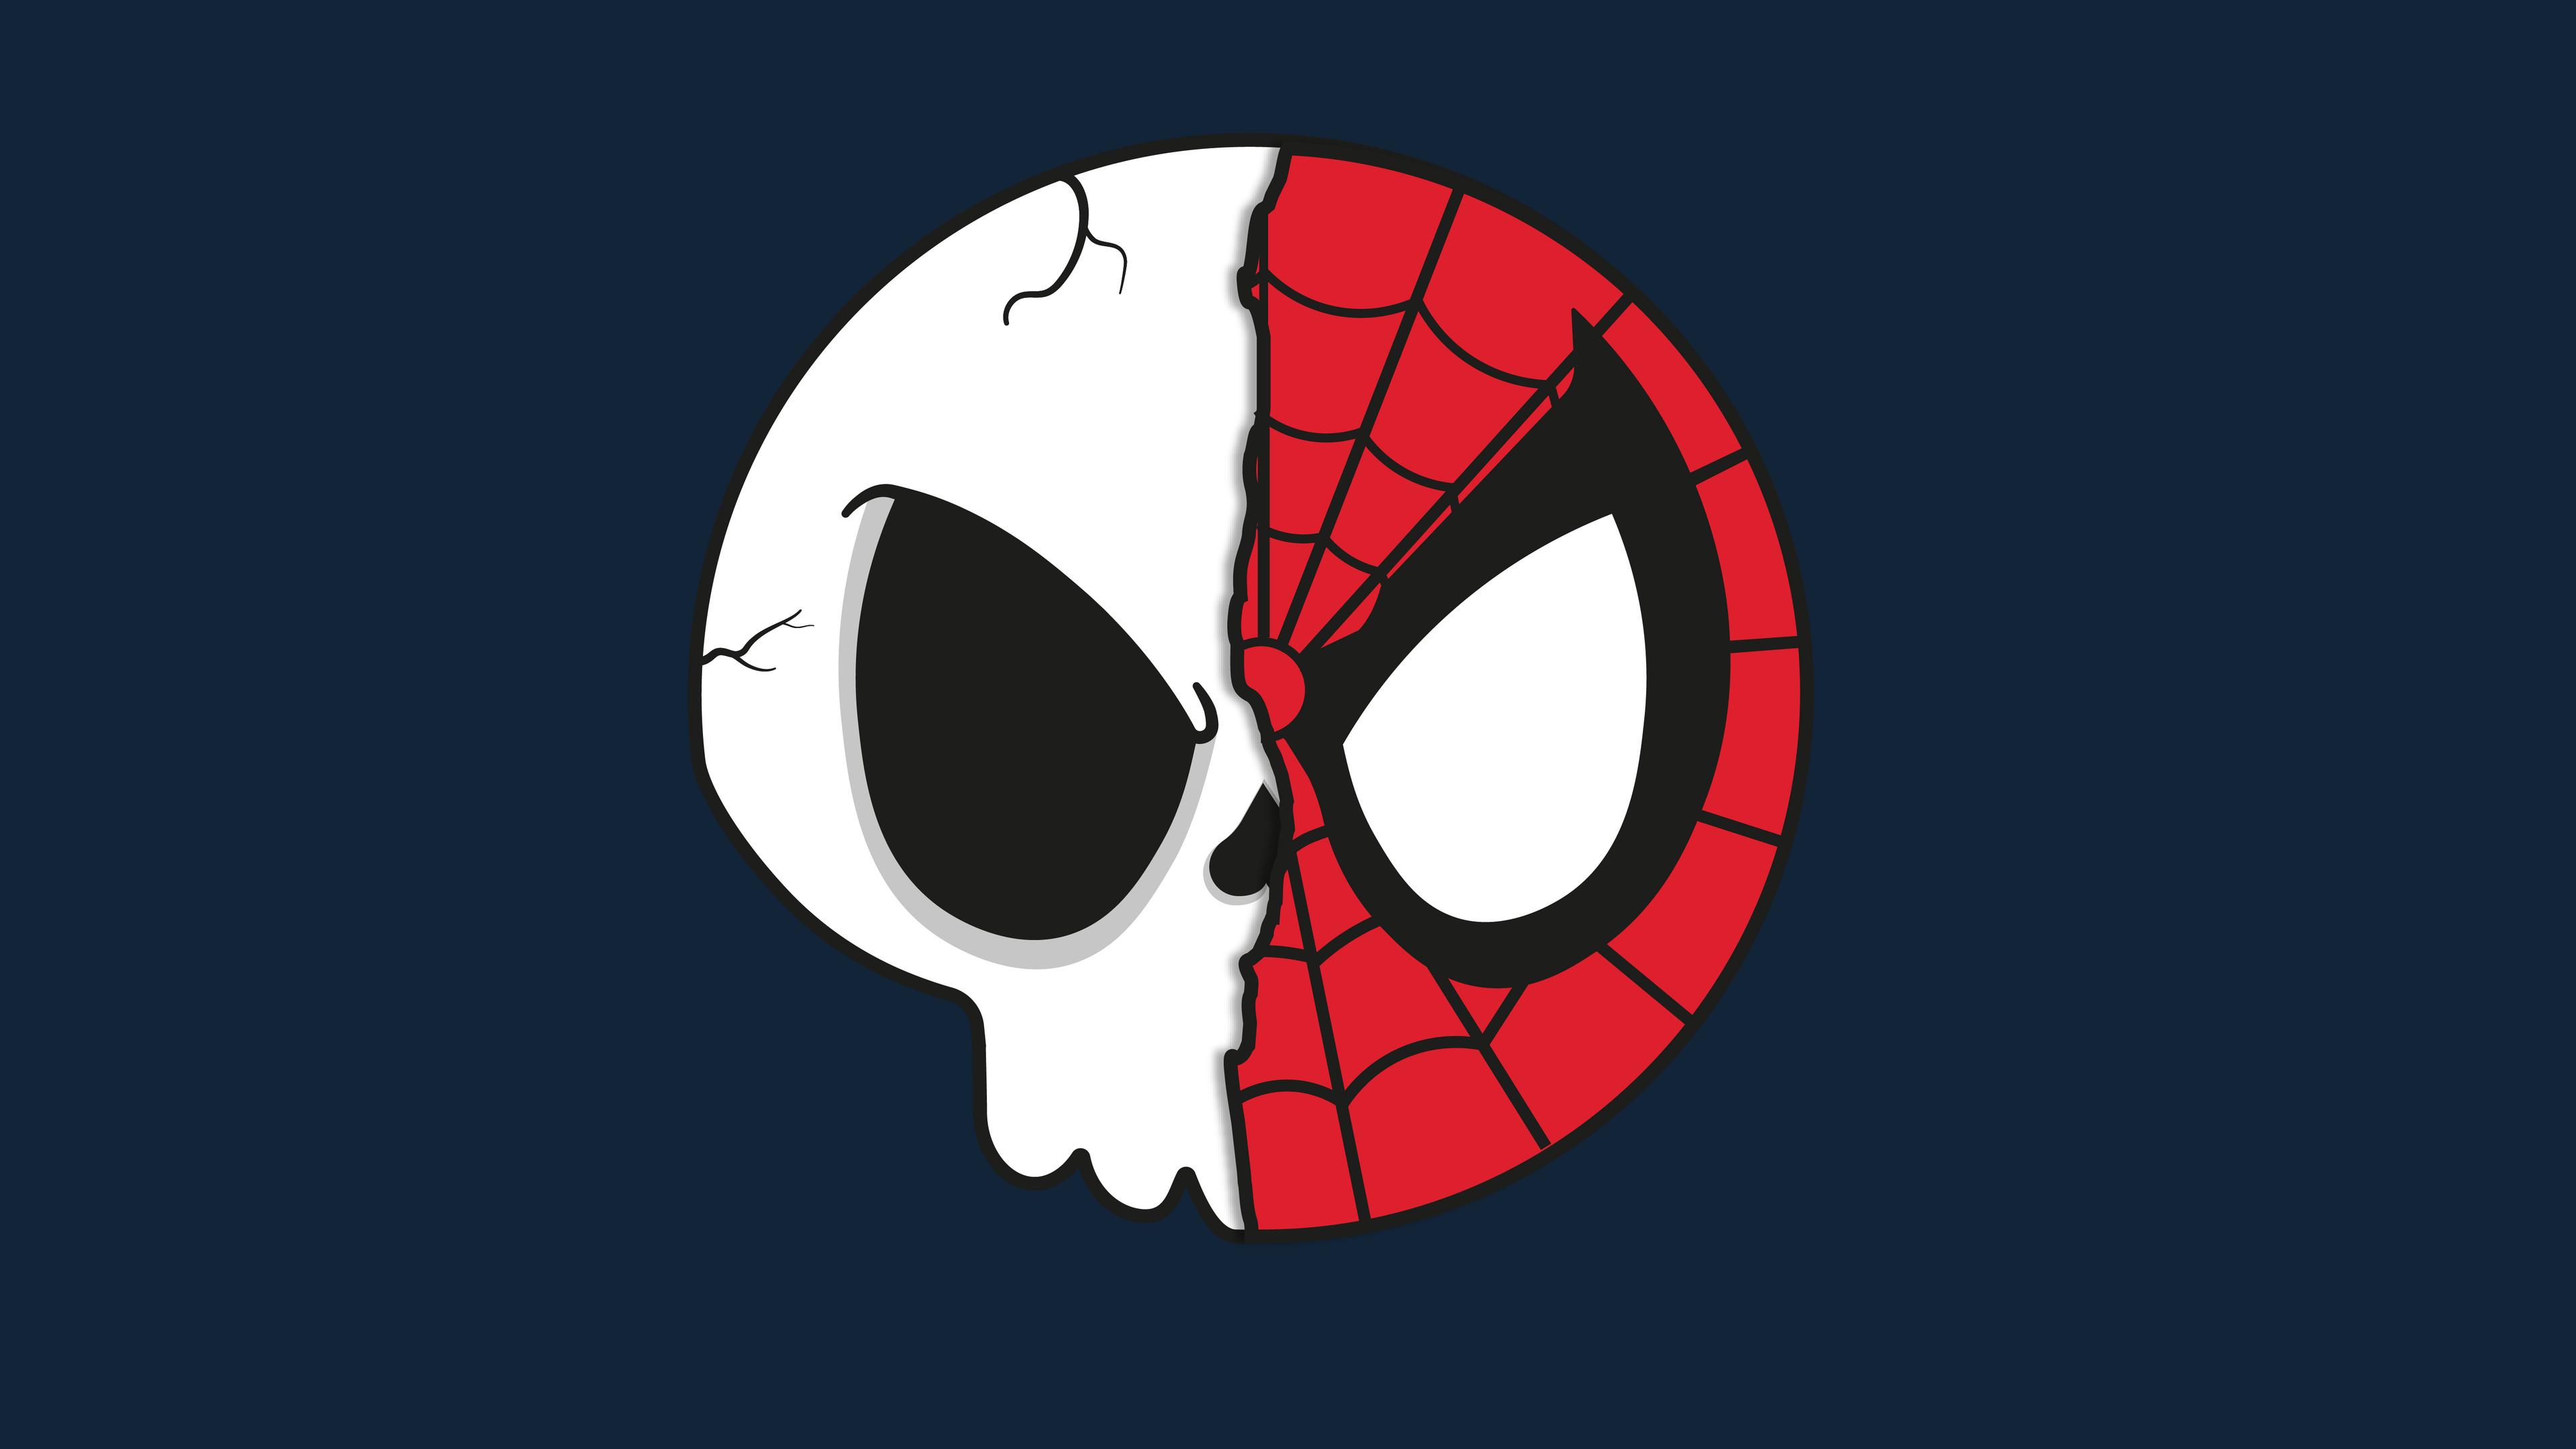 spider skull 1565052876 - Spider Skull - superheroes wallpapers, spiderman wallpapers, hd-wallpapers, digital art wallpapers, artwork wallpapers, 5k wallpapers, 4k-wallpapers